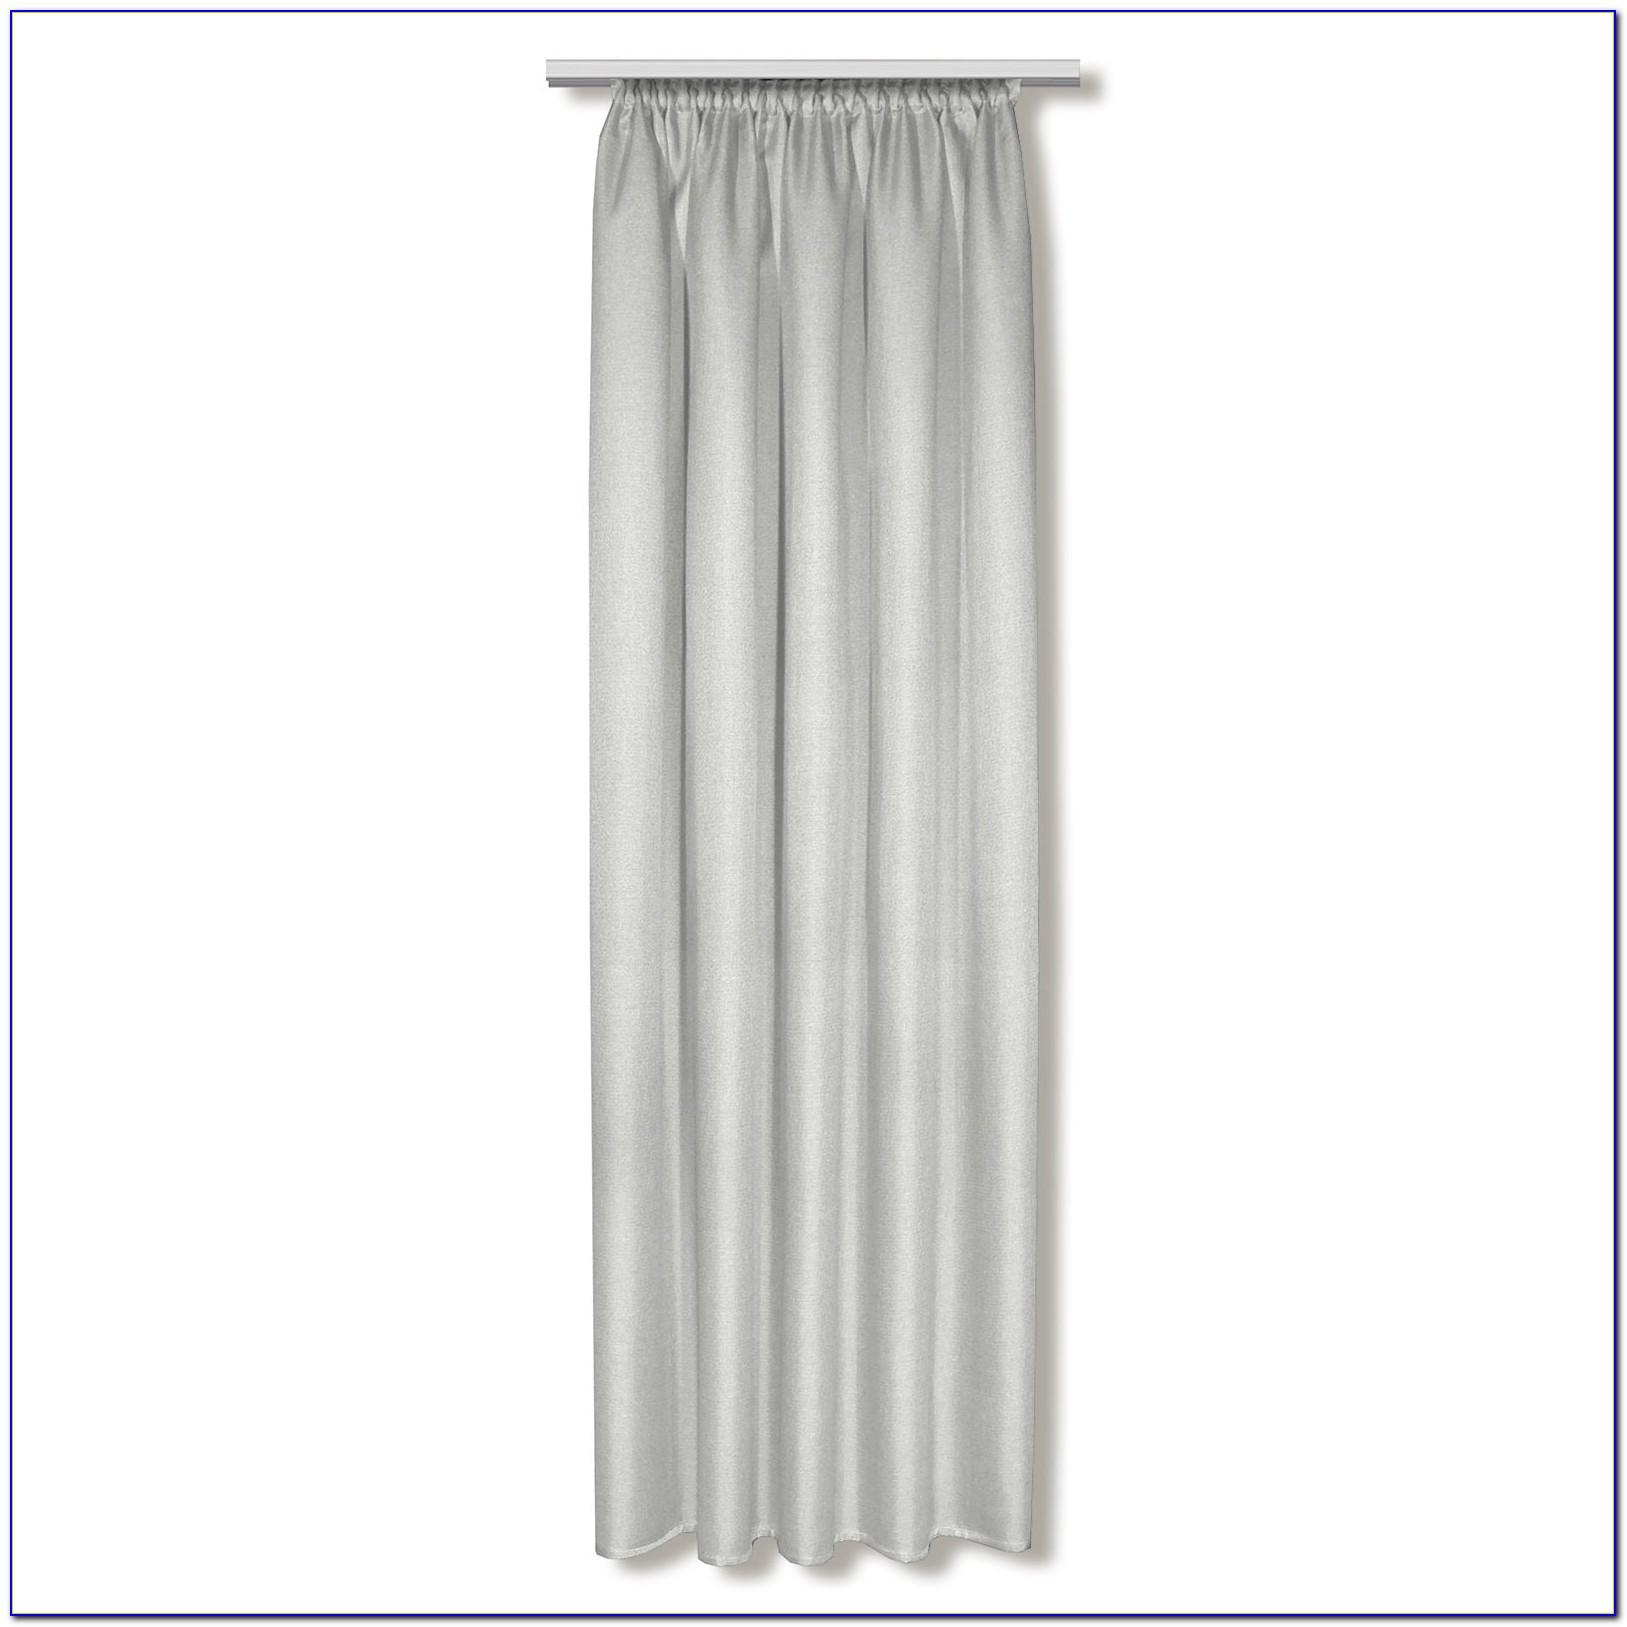 Vorhang Silber Glänzend